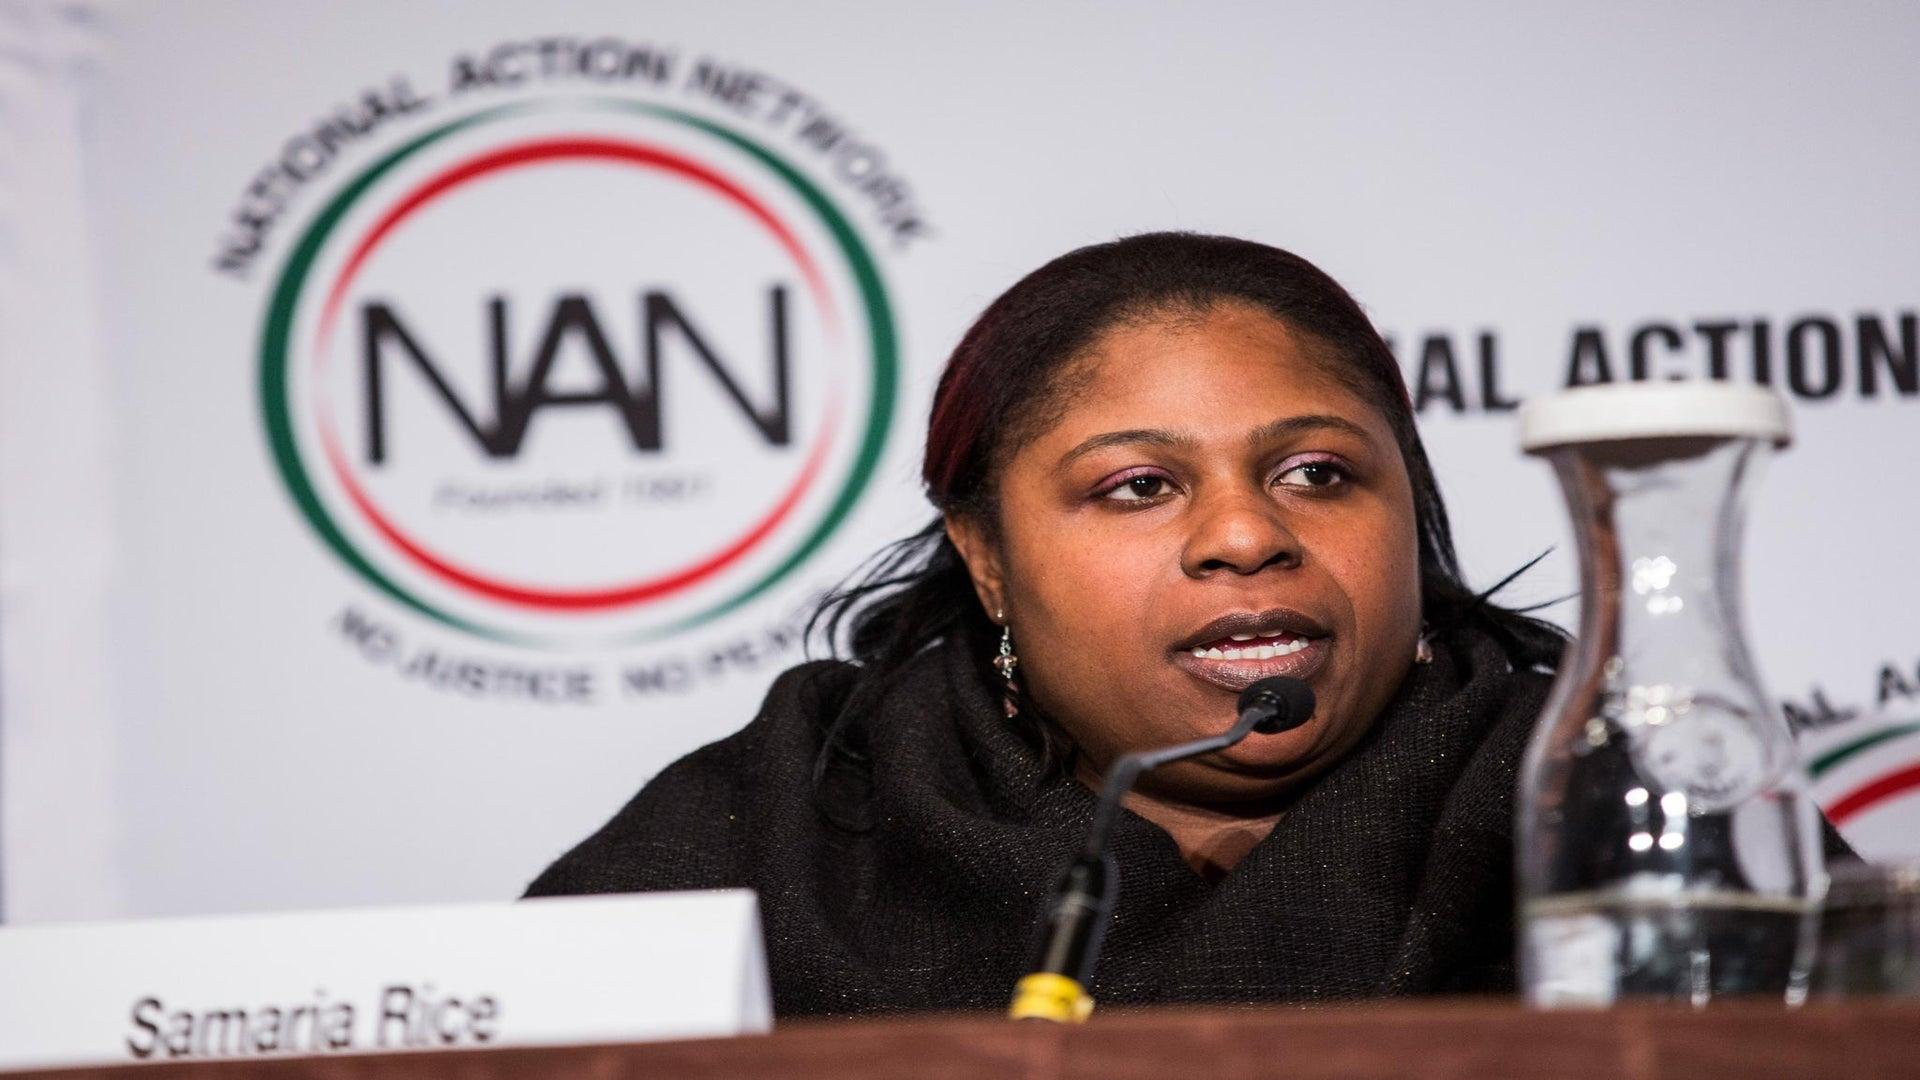 Tamir Rice's Mother Calls Criminal Justice System 'Corrupt'